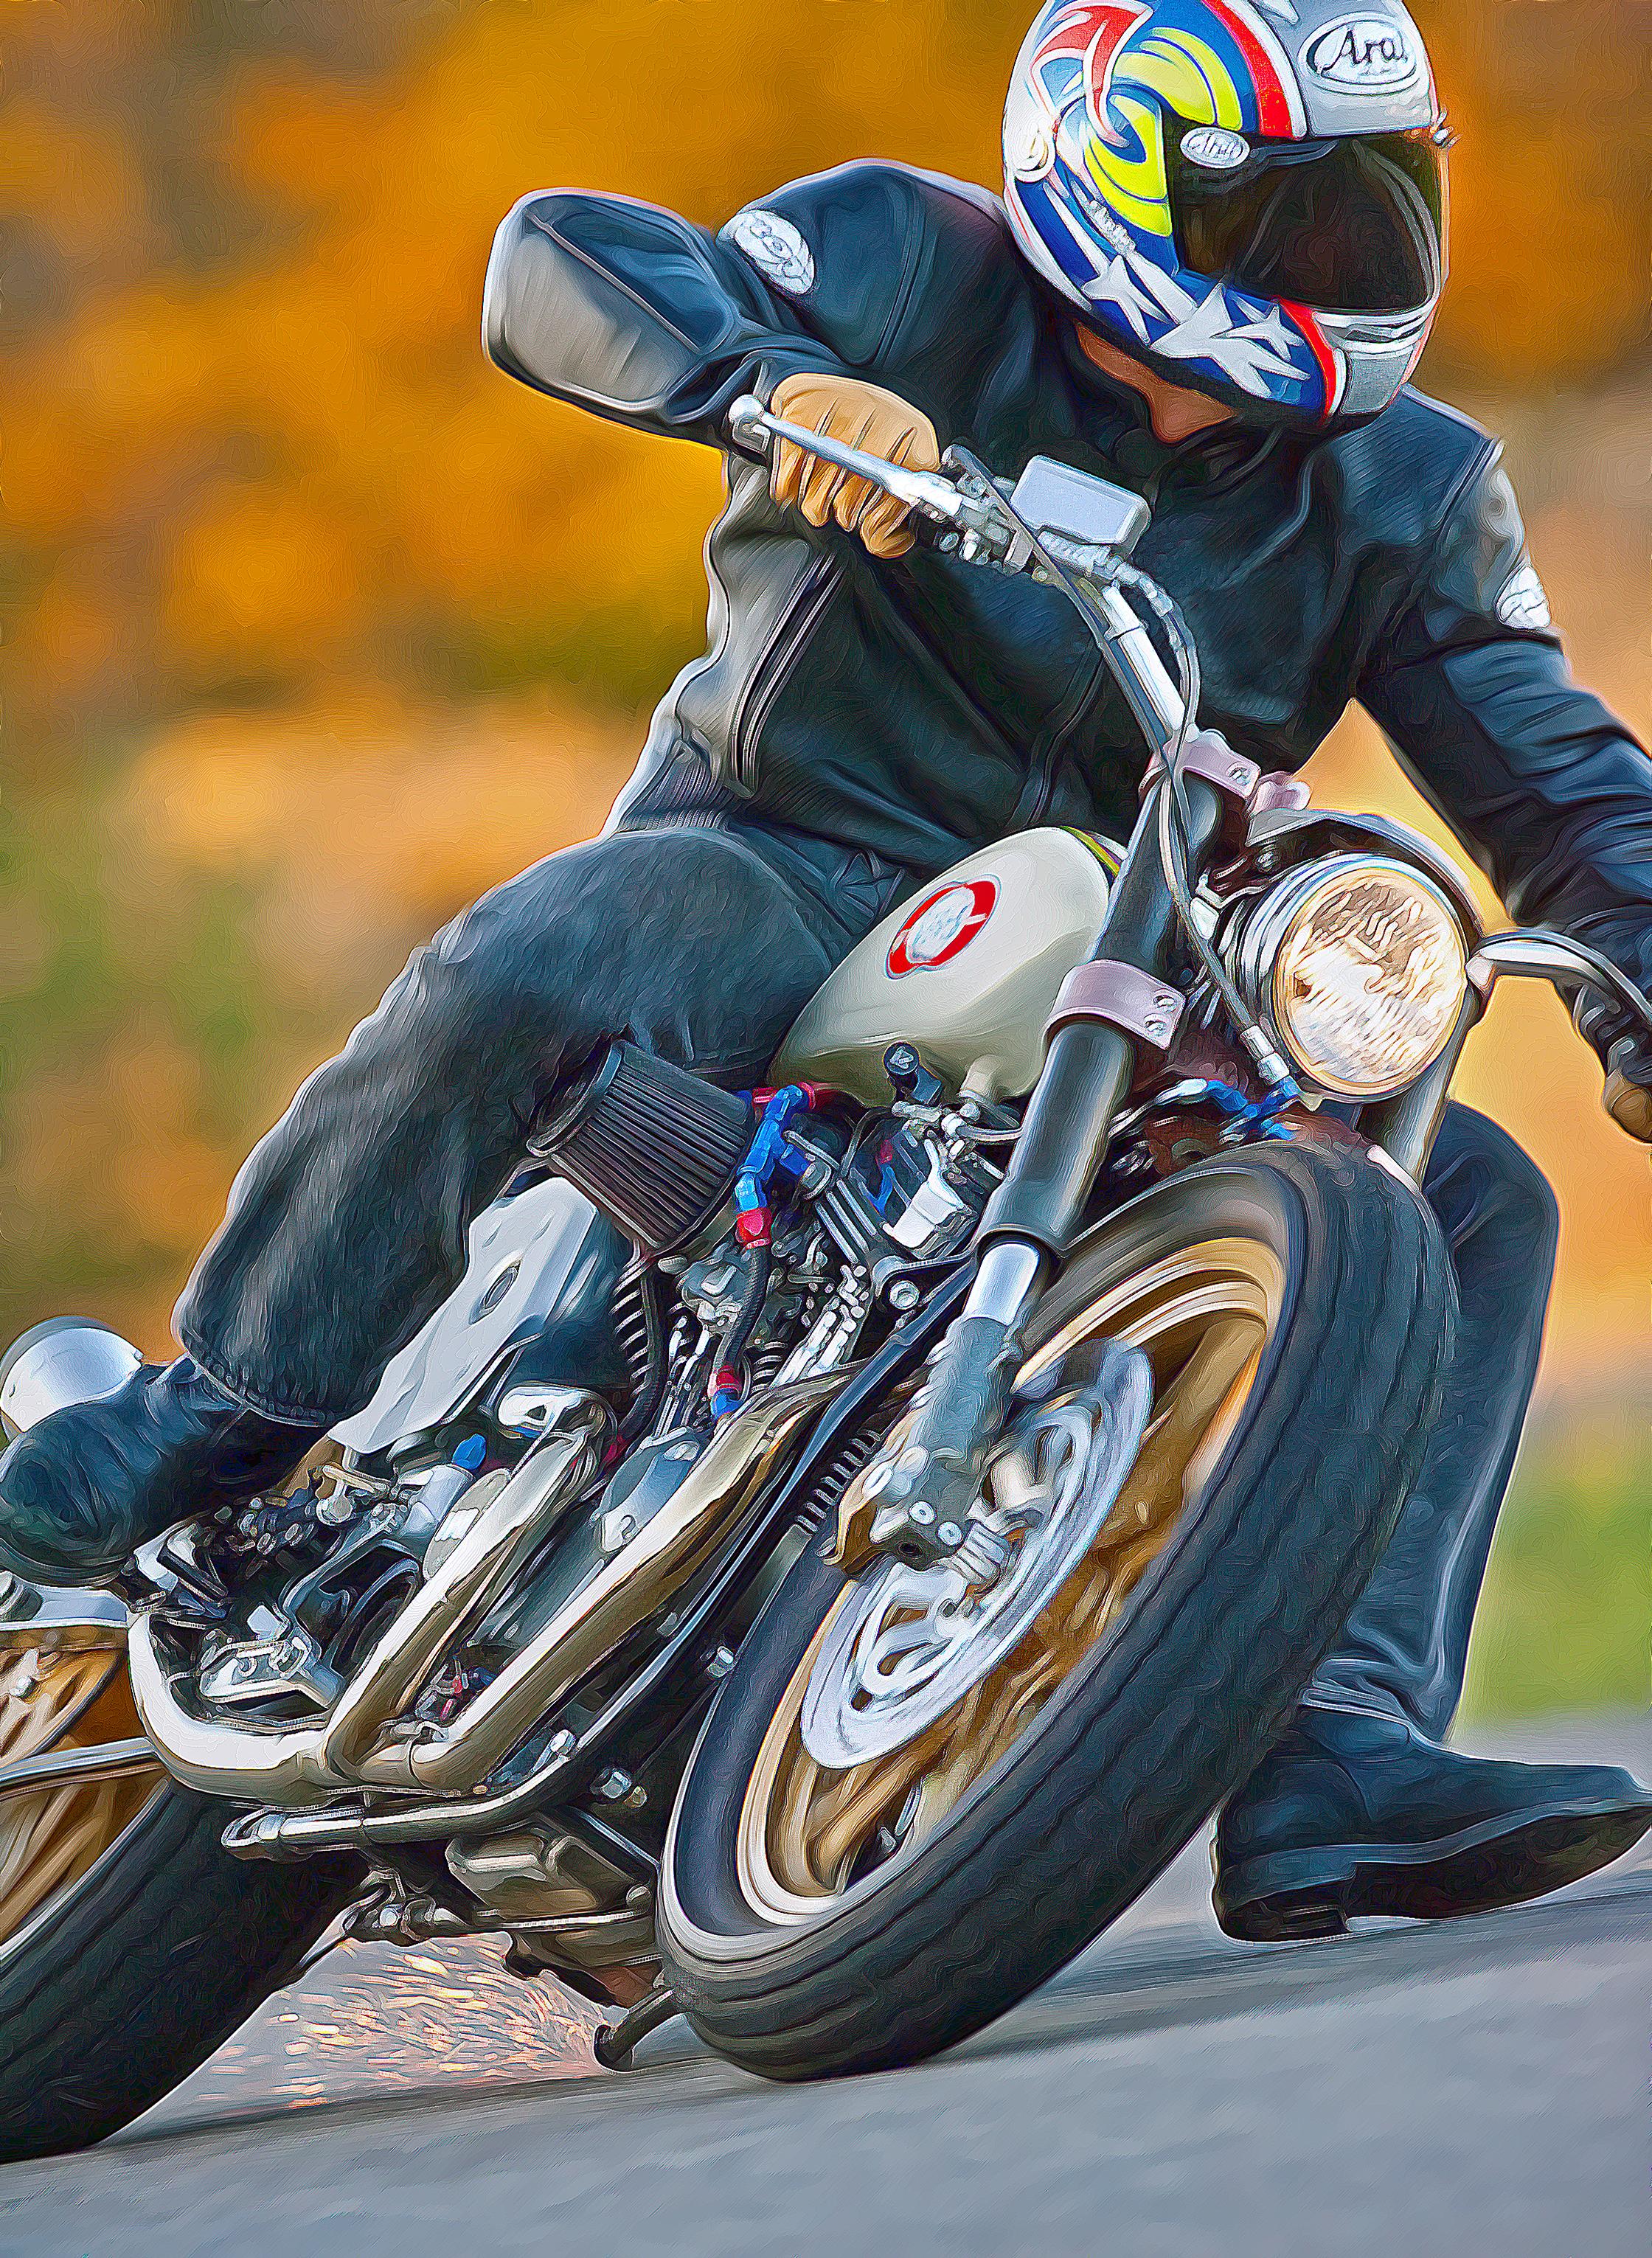 Sparks: Mark Cernicky, Mule Motorcycles